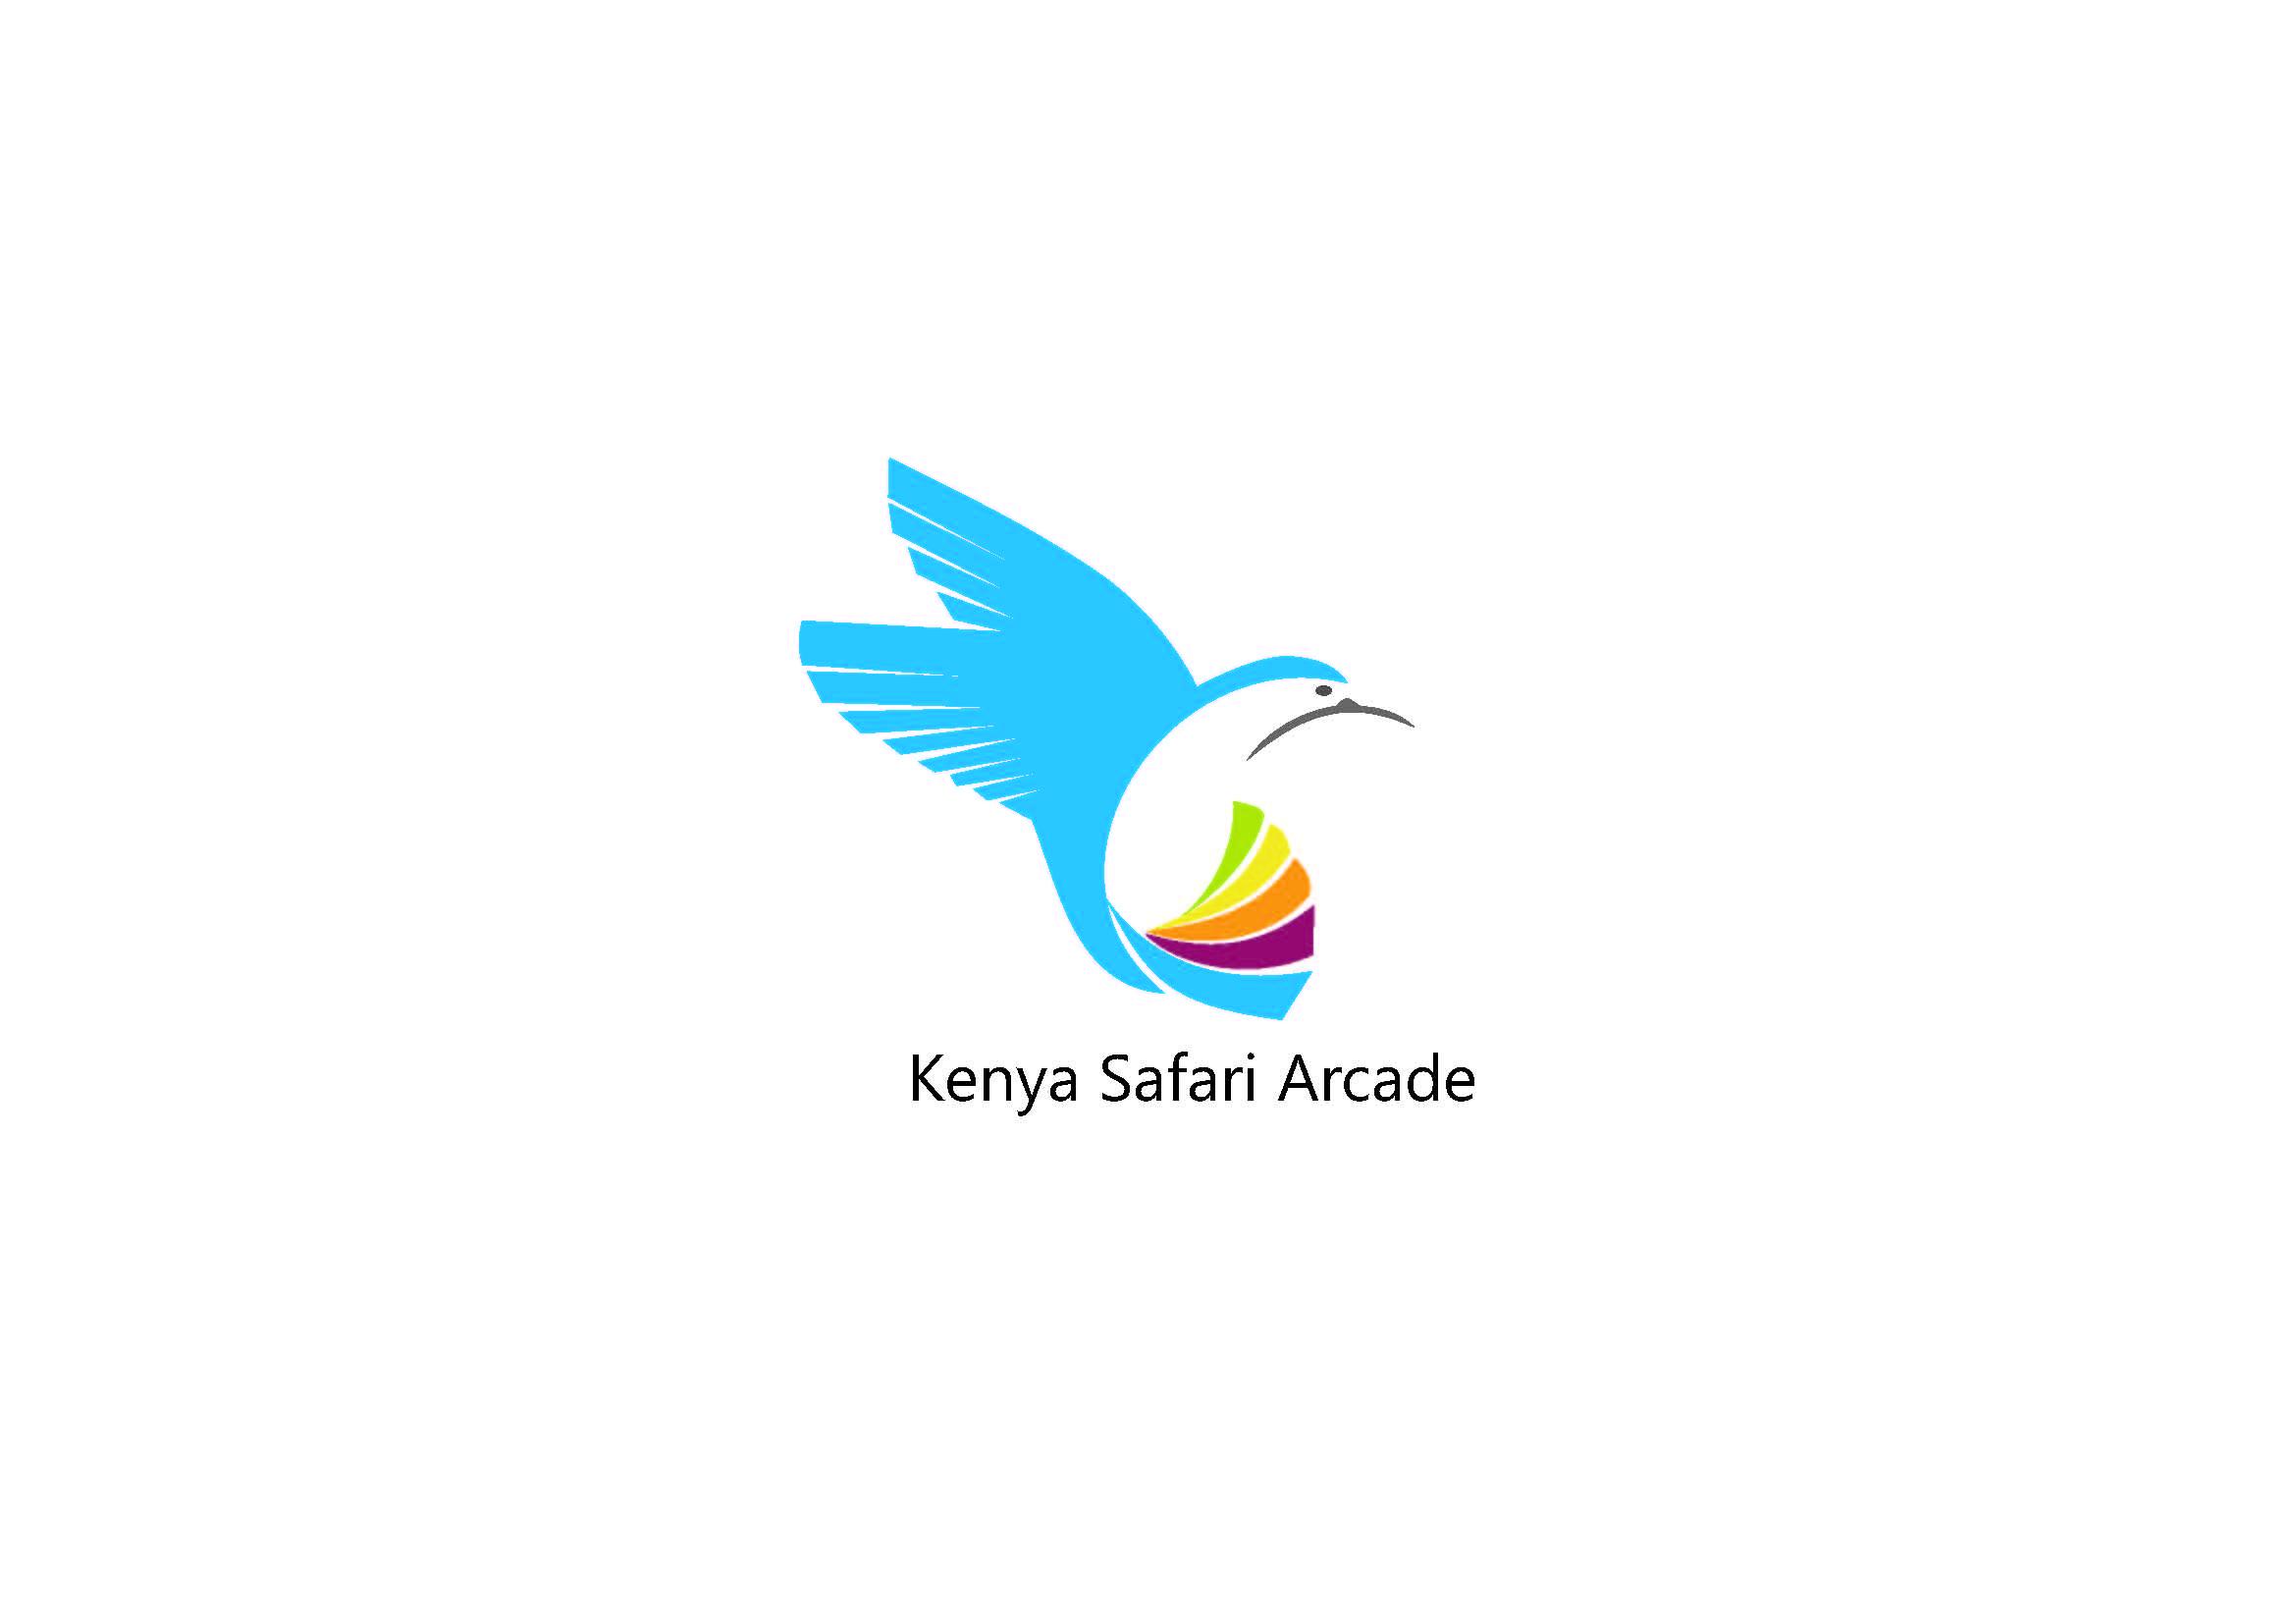 Kenya Tulia Safari Holiday Arcade